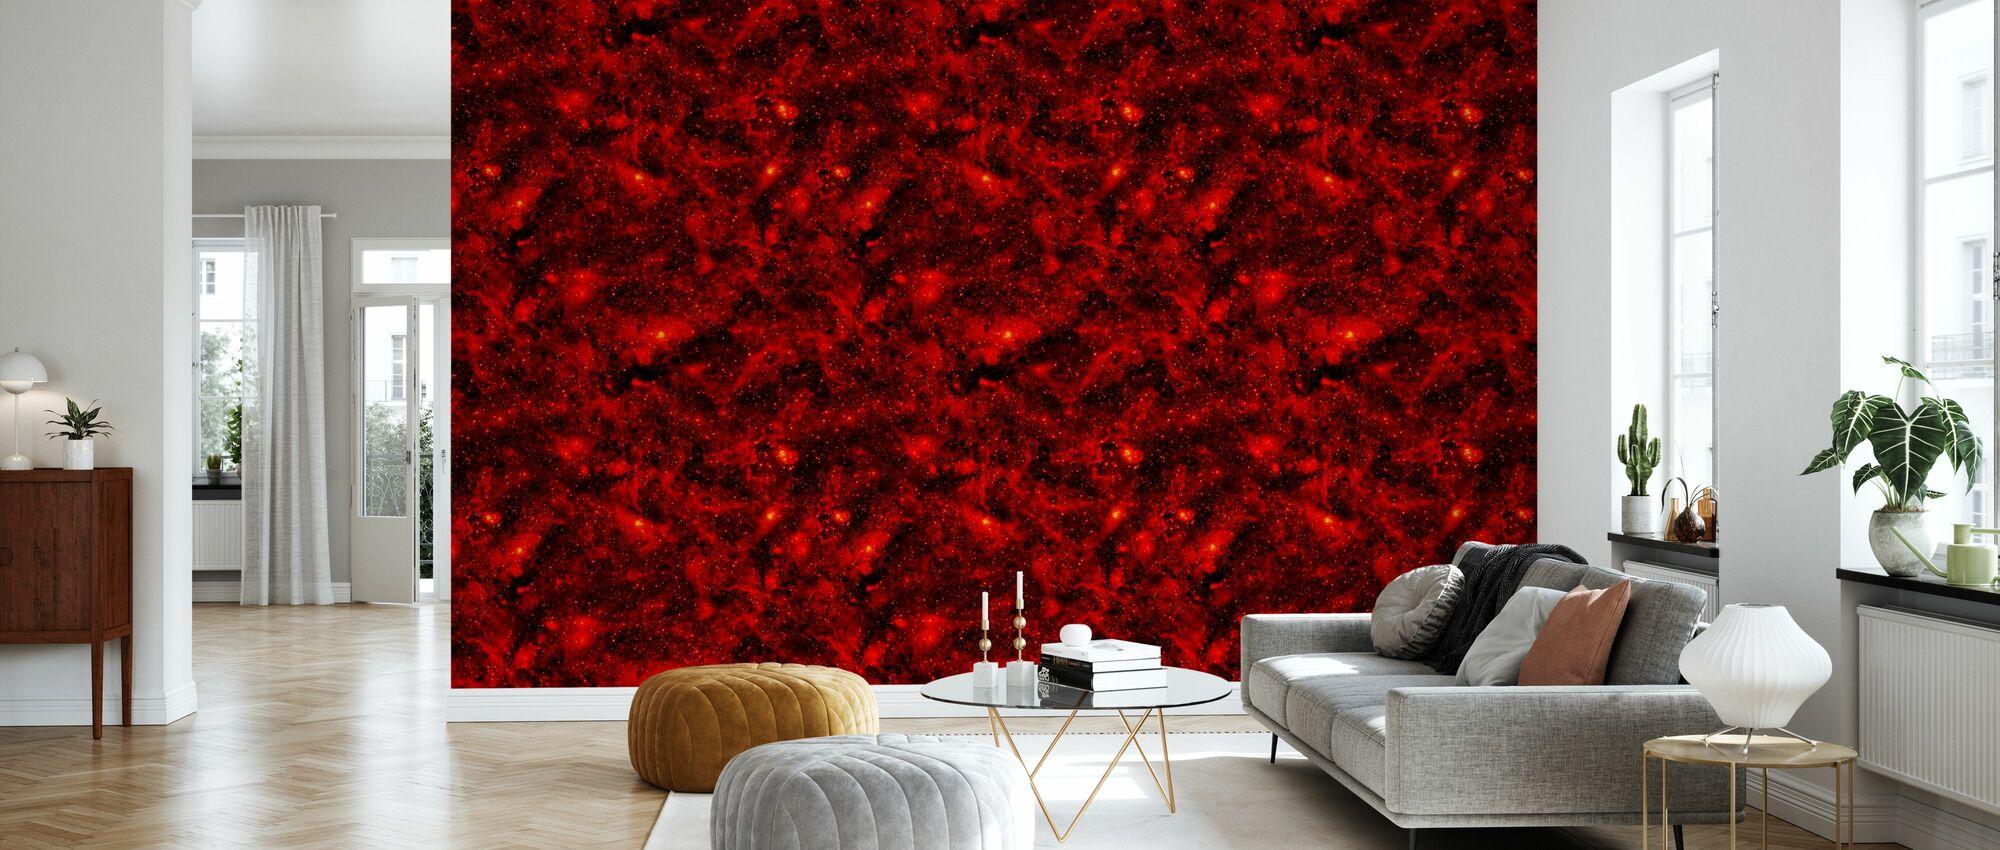 Hell Gate - Wallpaper - Living Room